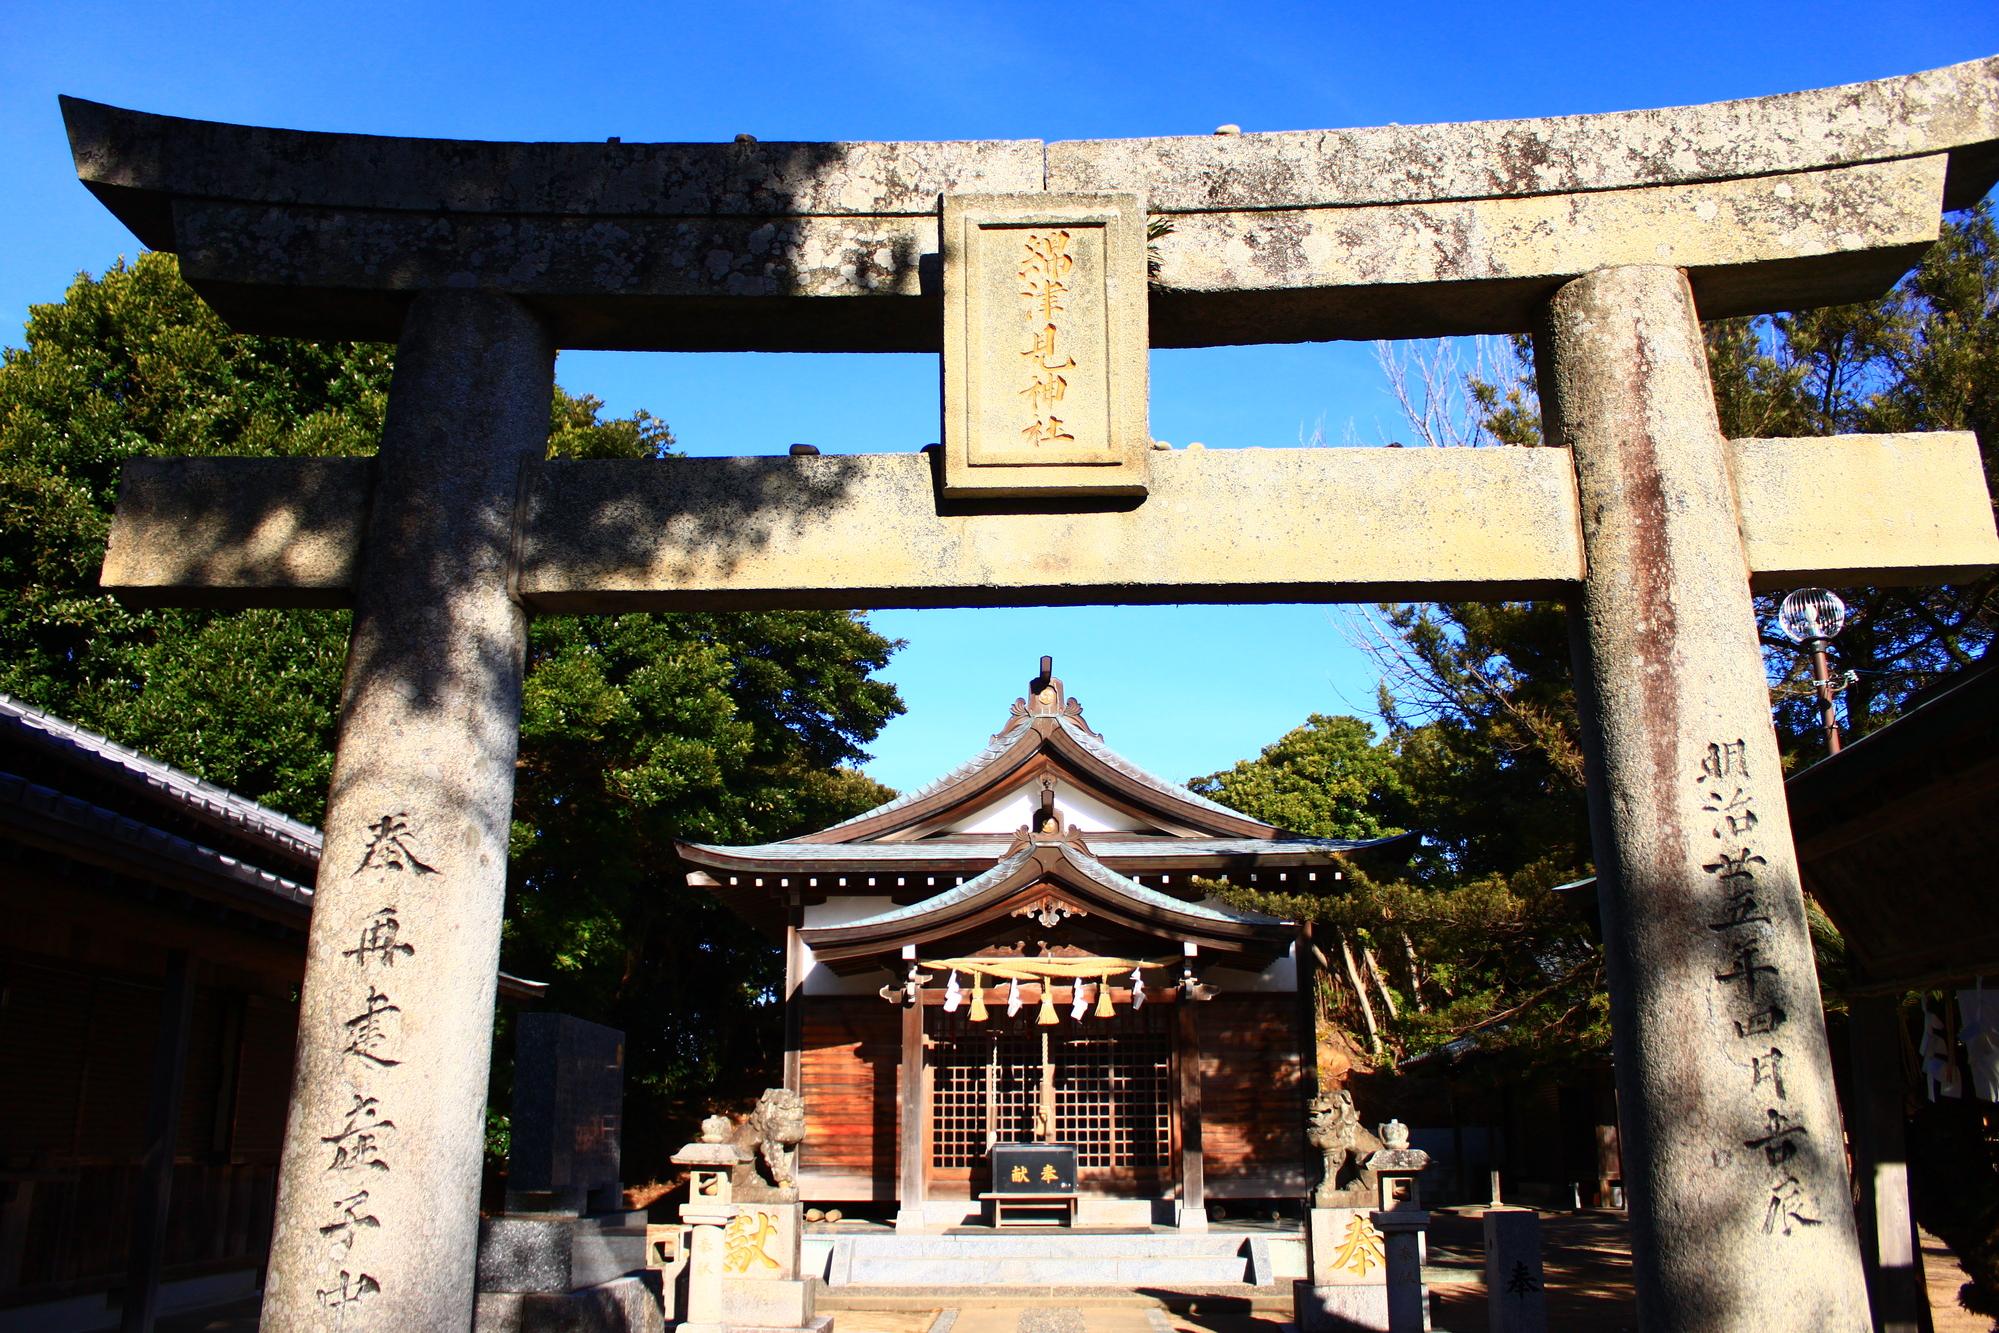 古くから龍宮の伝説が語られている綿津見神社